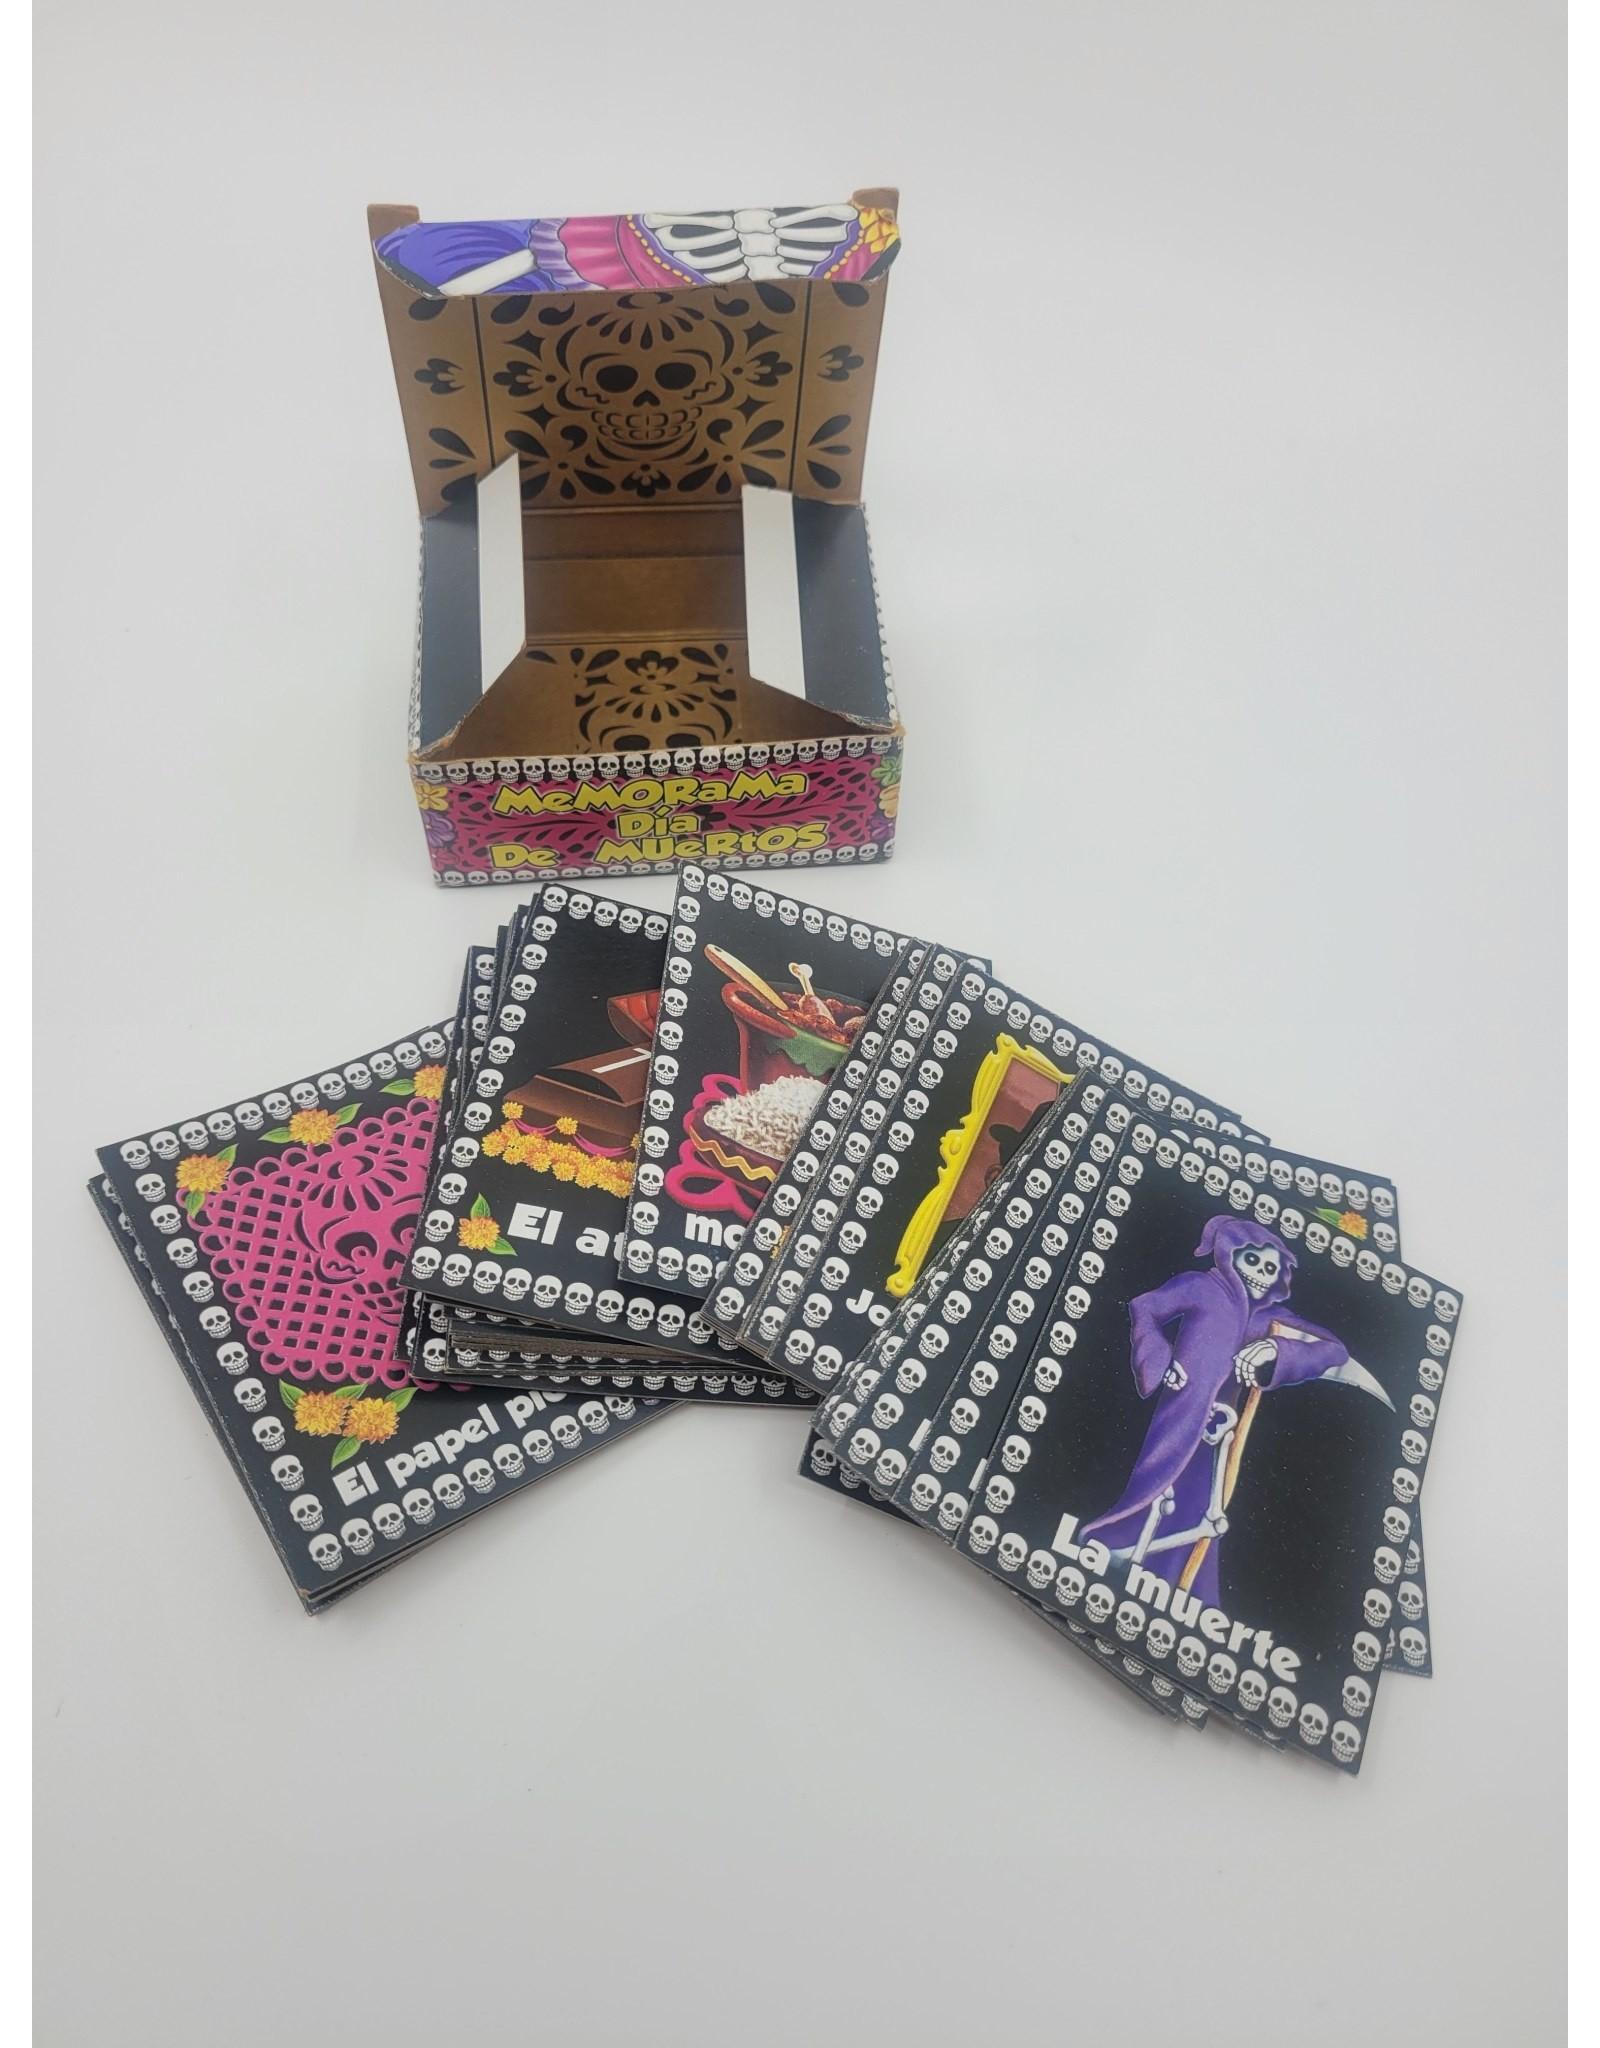 Memorama Dia de Muertos Card Game